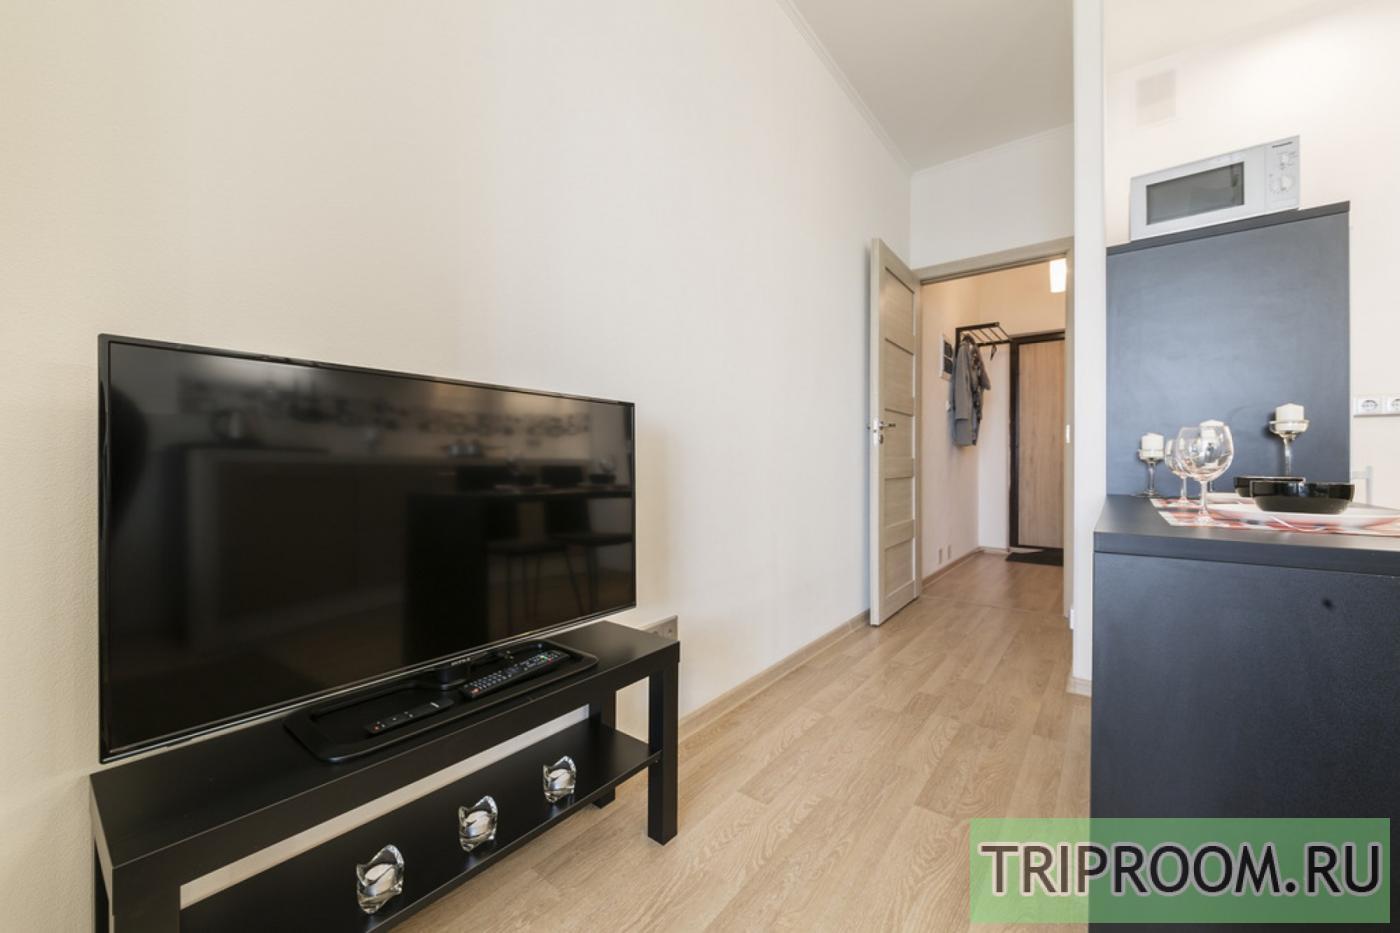 1-комнатная квартира посуточно (вариант № 18461), ул. Адмирала Черокова улица, фото № 20